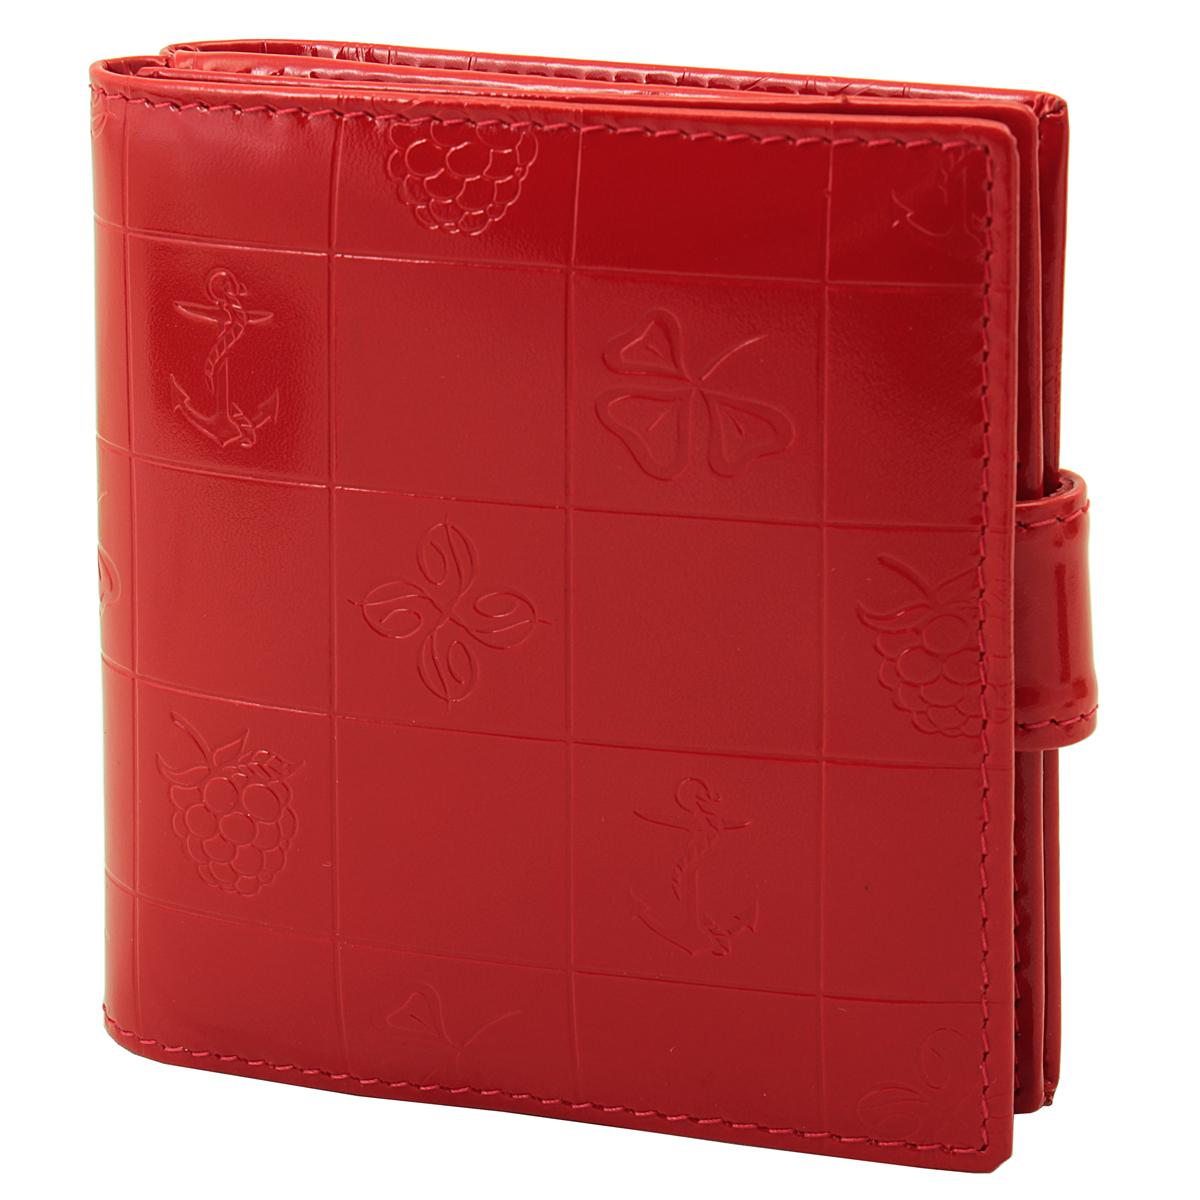 Кошелек женский Dimanche BonBon, цвет: красный. 248248Женский компактный кошелек BonBon выполнен из натуральной высококачественной кожи с декоративным тиснением. Кошелек состоит из двух отделений. Первое отделение закрывается на магнитную кнопку, имеет четыре кармашка для кредиток и карман для монет с клапаном на кнопке. Второе отделение также закрывается на магнитную кнопку и содержит два кармана для купюр. Между отделениями также предусмотрен кармашек. Кошелек упакован в фирменную картонную коробку.